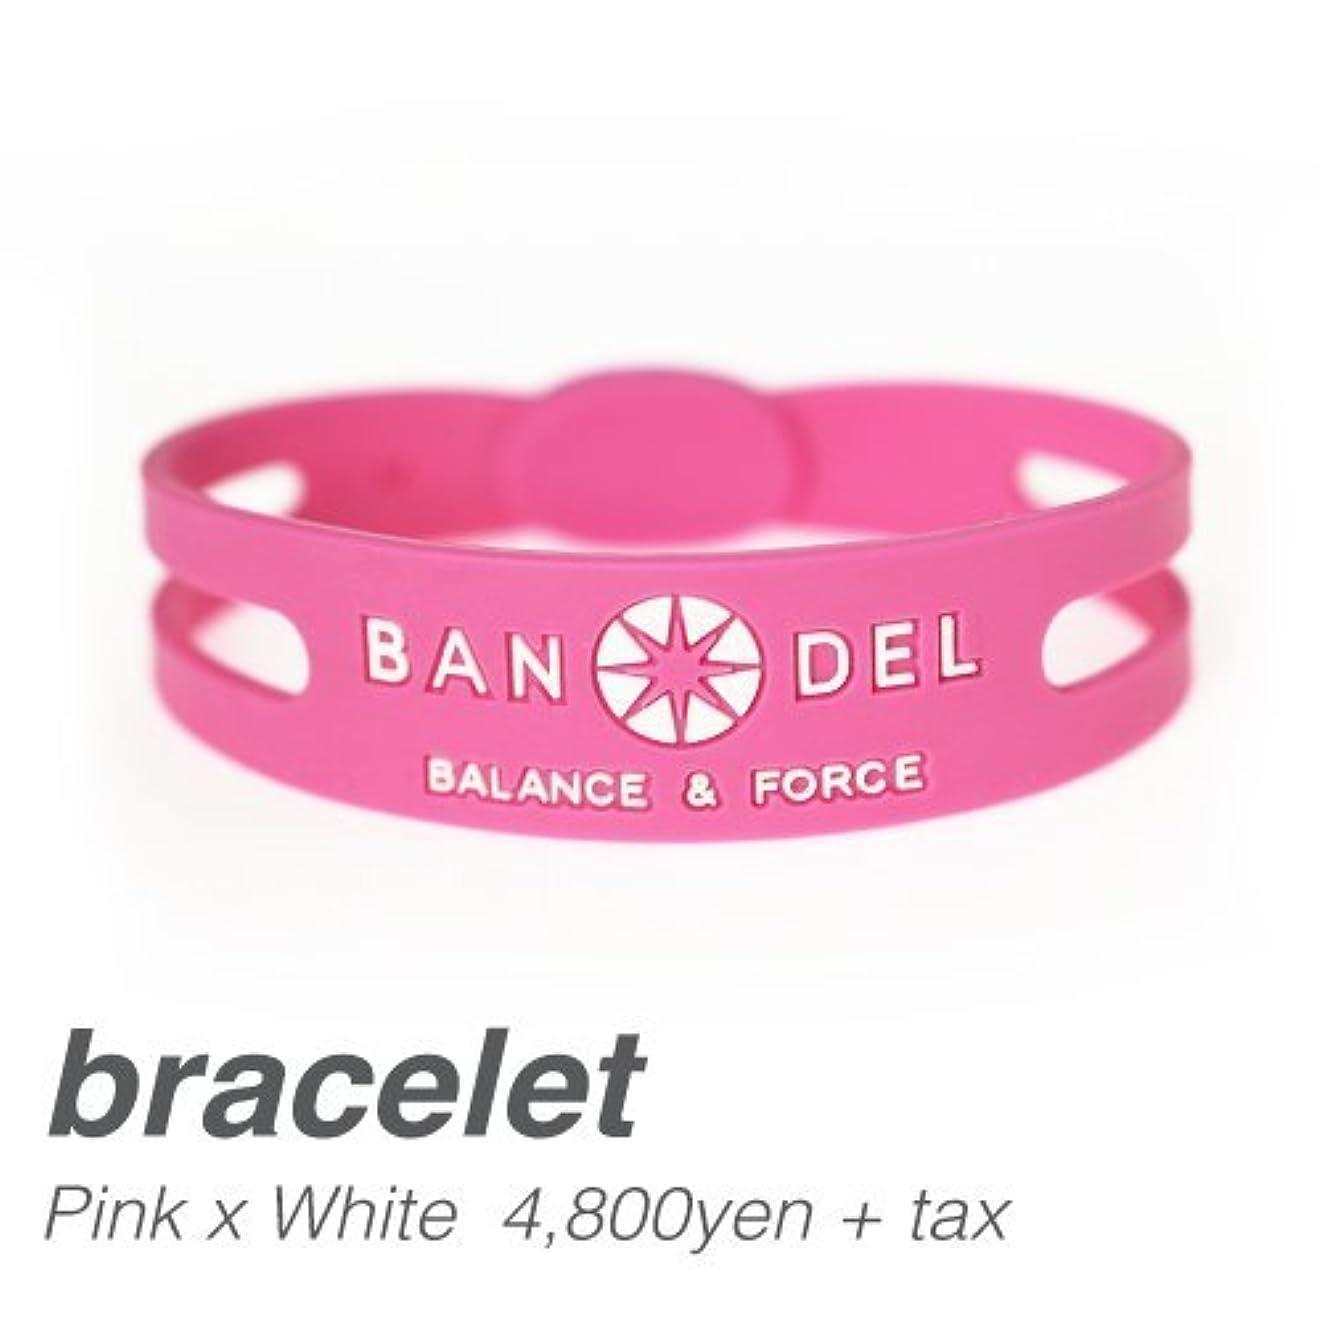 メインシルエット注ぎます[バンデル?BANDEL]ブレスレット?BANDEL bracelet(PinkxWhite?ピンク×ホワイト)LLサイズ(20.5cm)